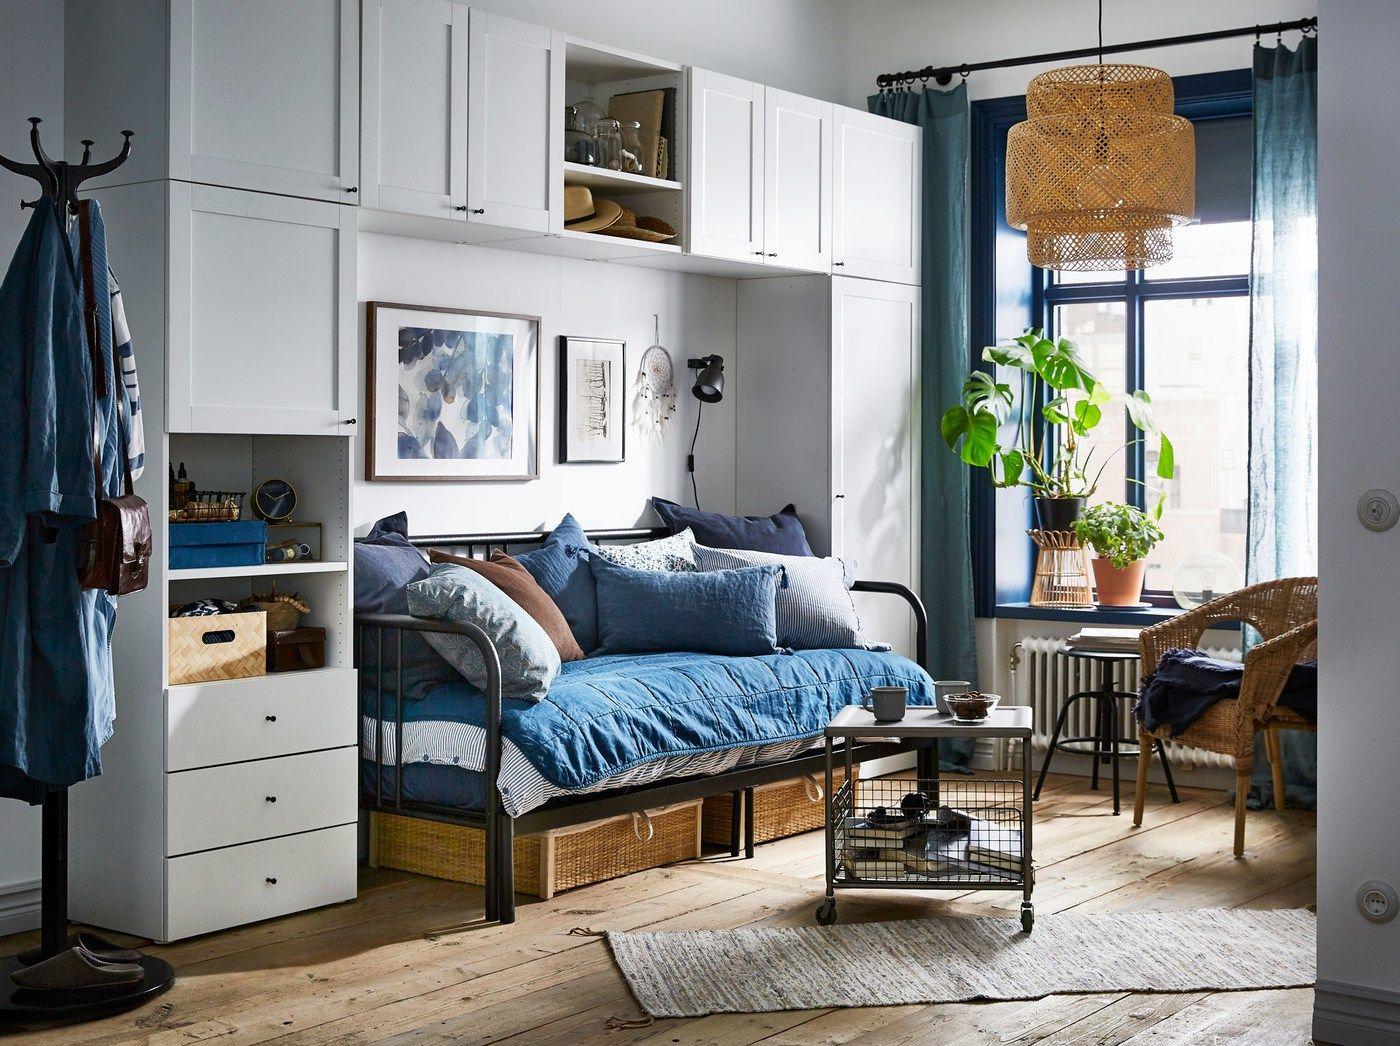 Wenig Platz, viele Möglichkeiten für das Schlafzimmer ...